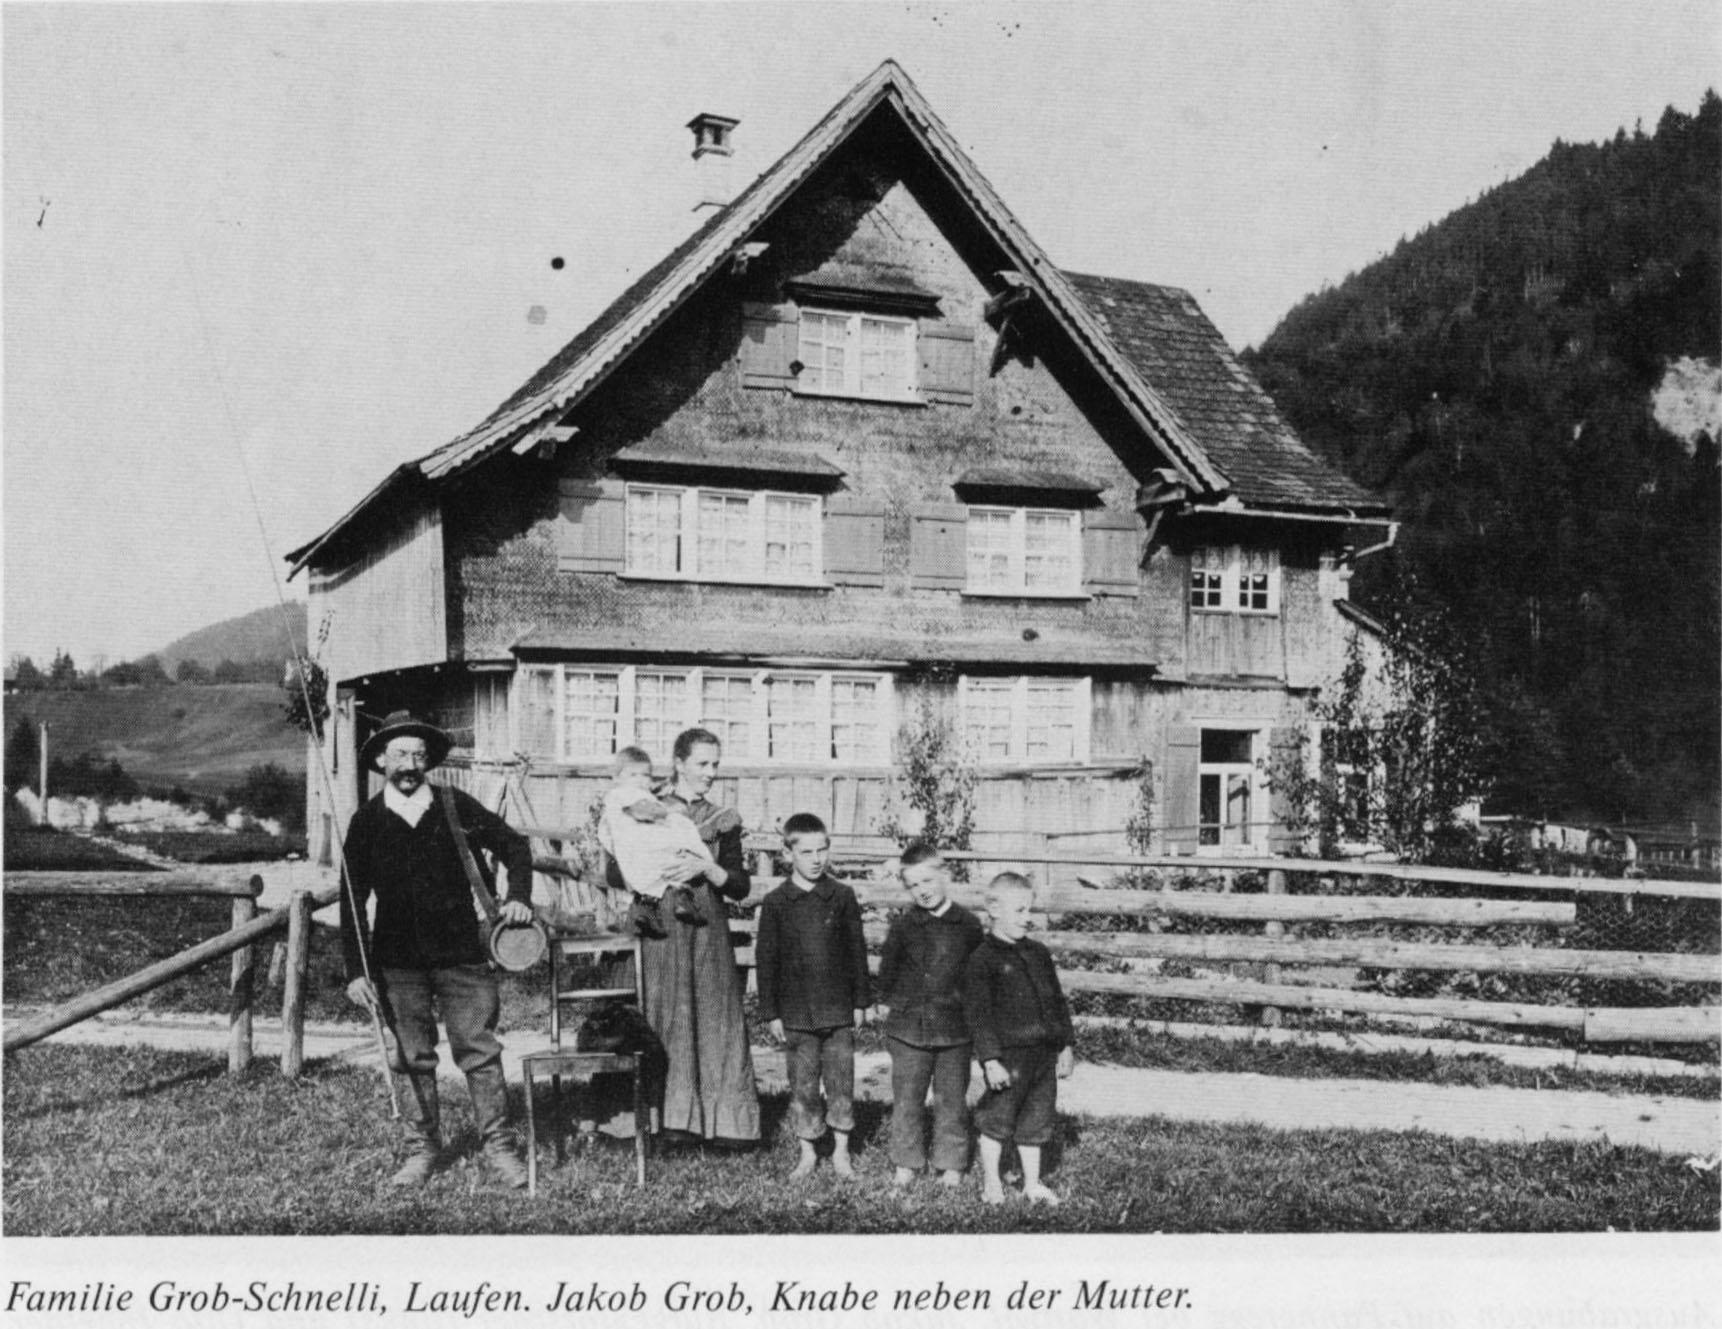 Familie Grob-Schnelli, Laufen, Bütschwil